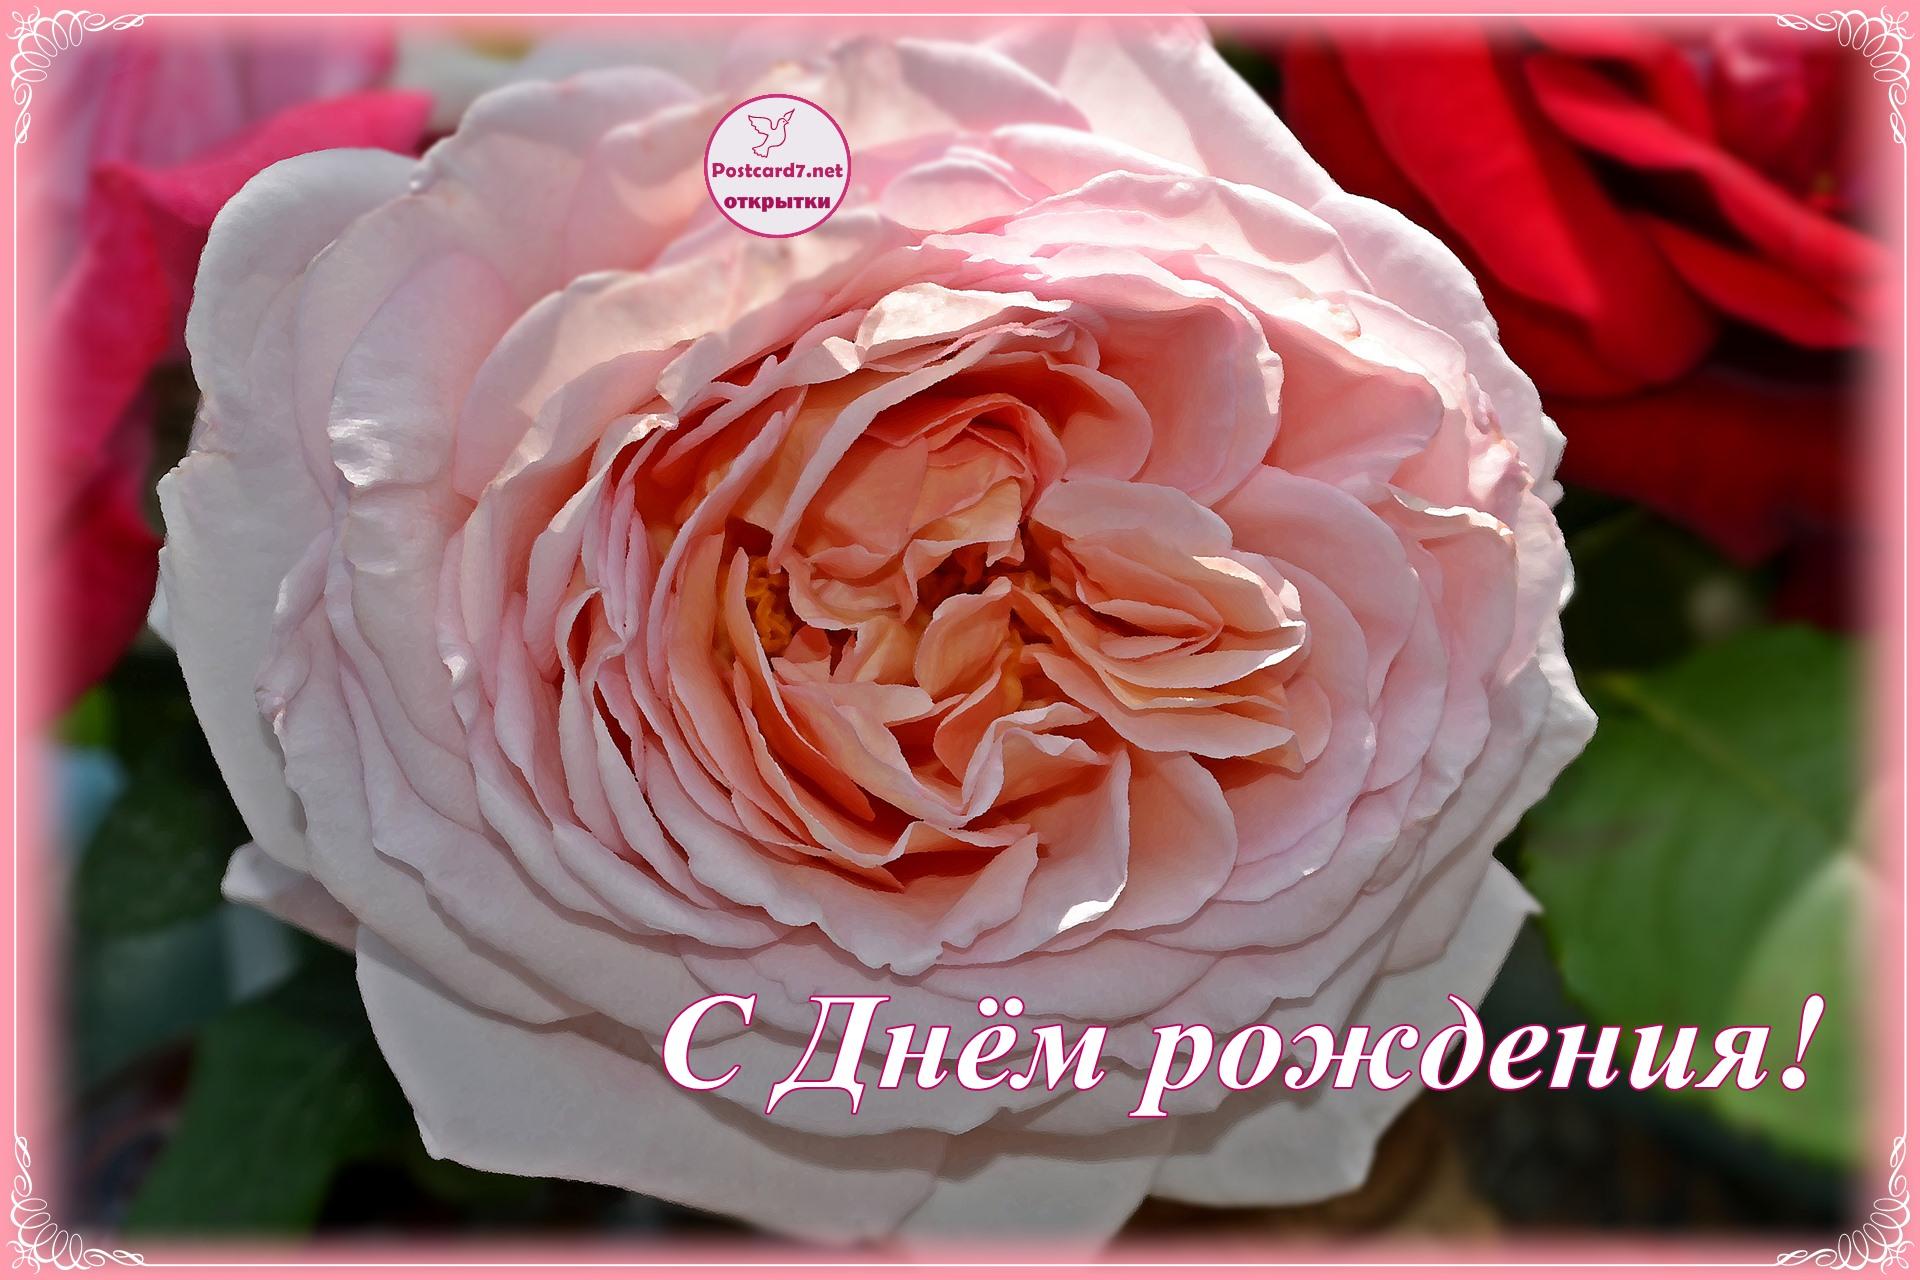 Ароматная роза, открытка с Днём рождения